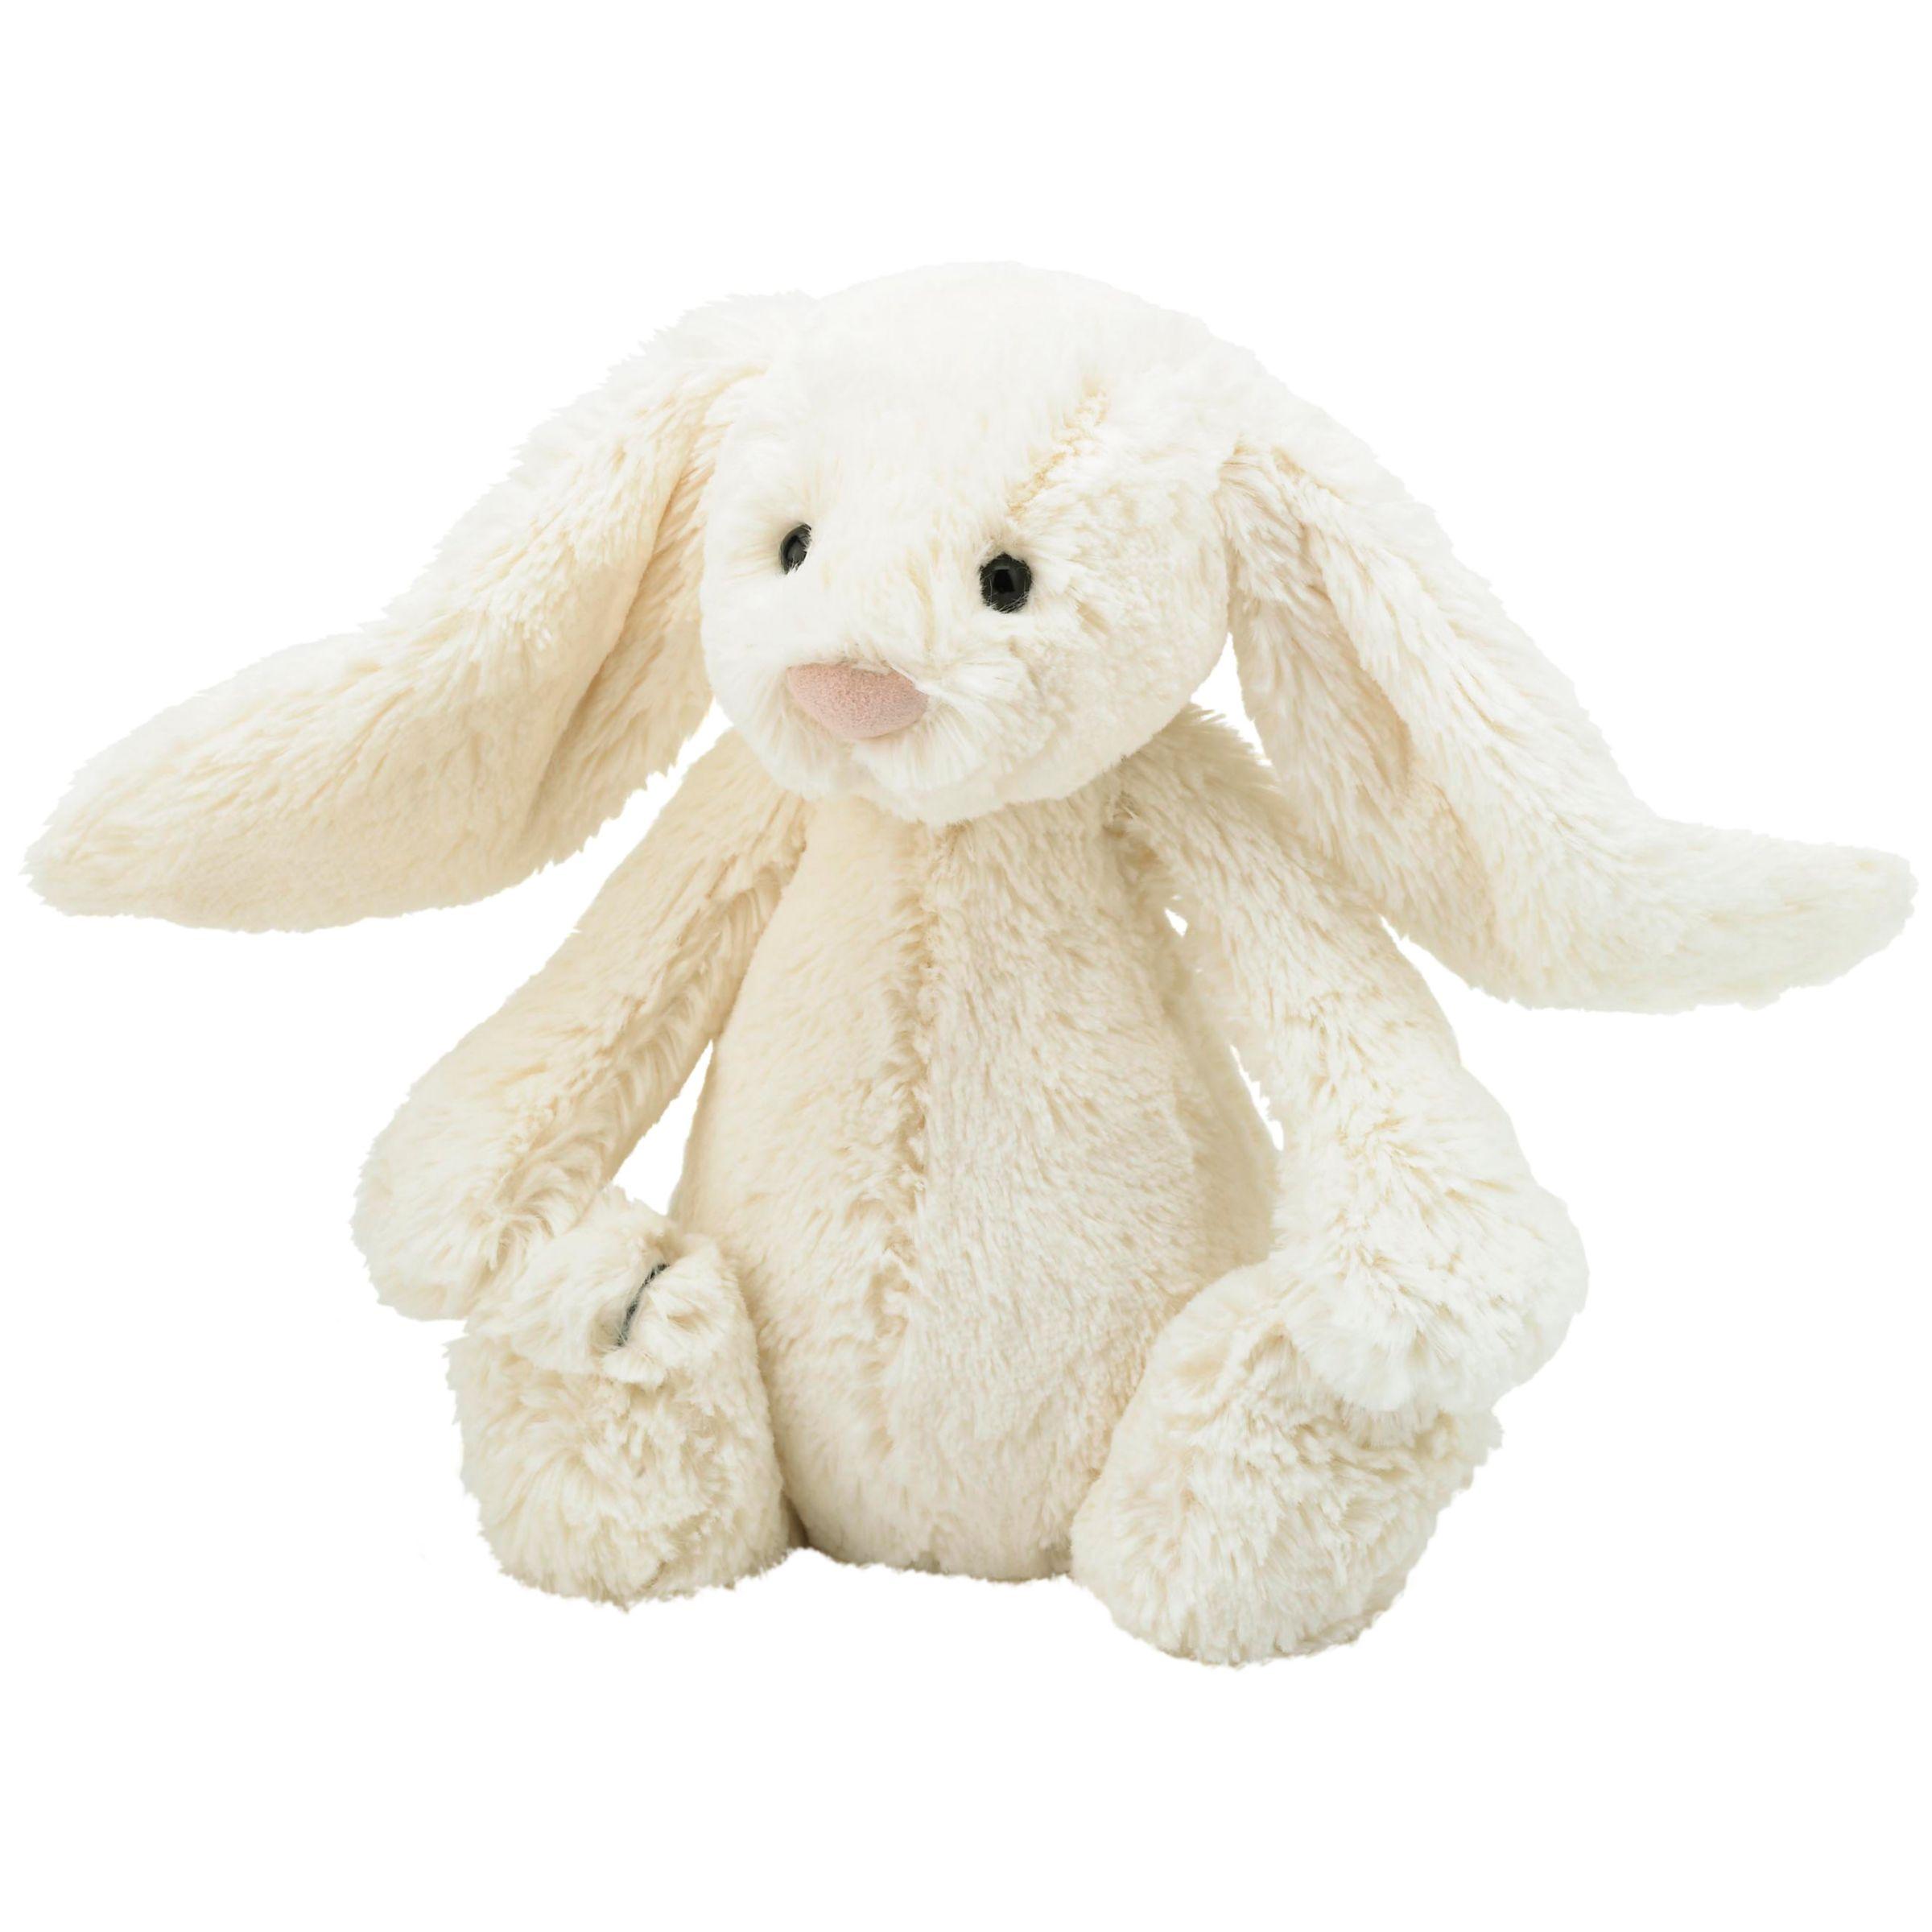 Bashful Cream Bunny, Large 230623438